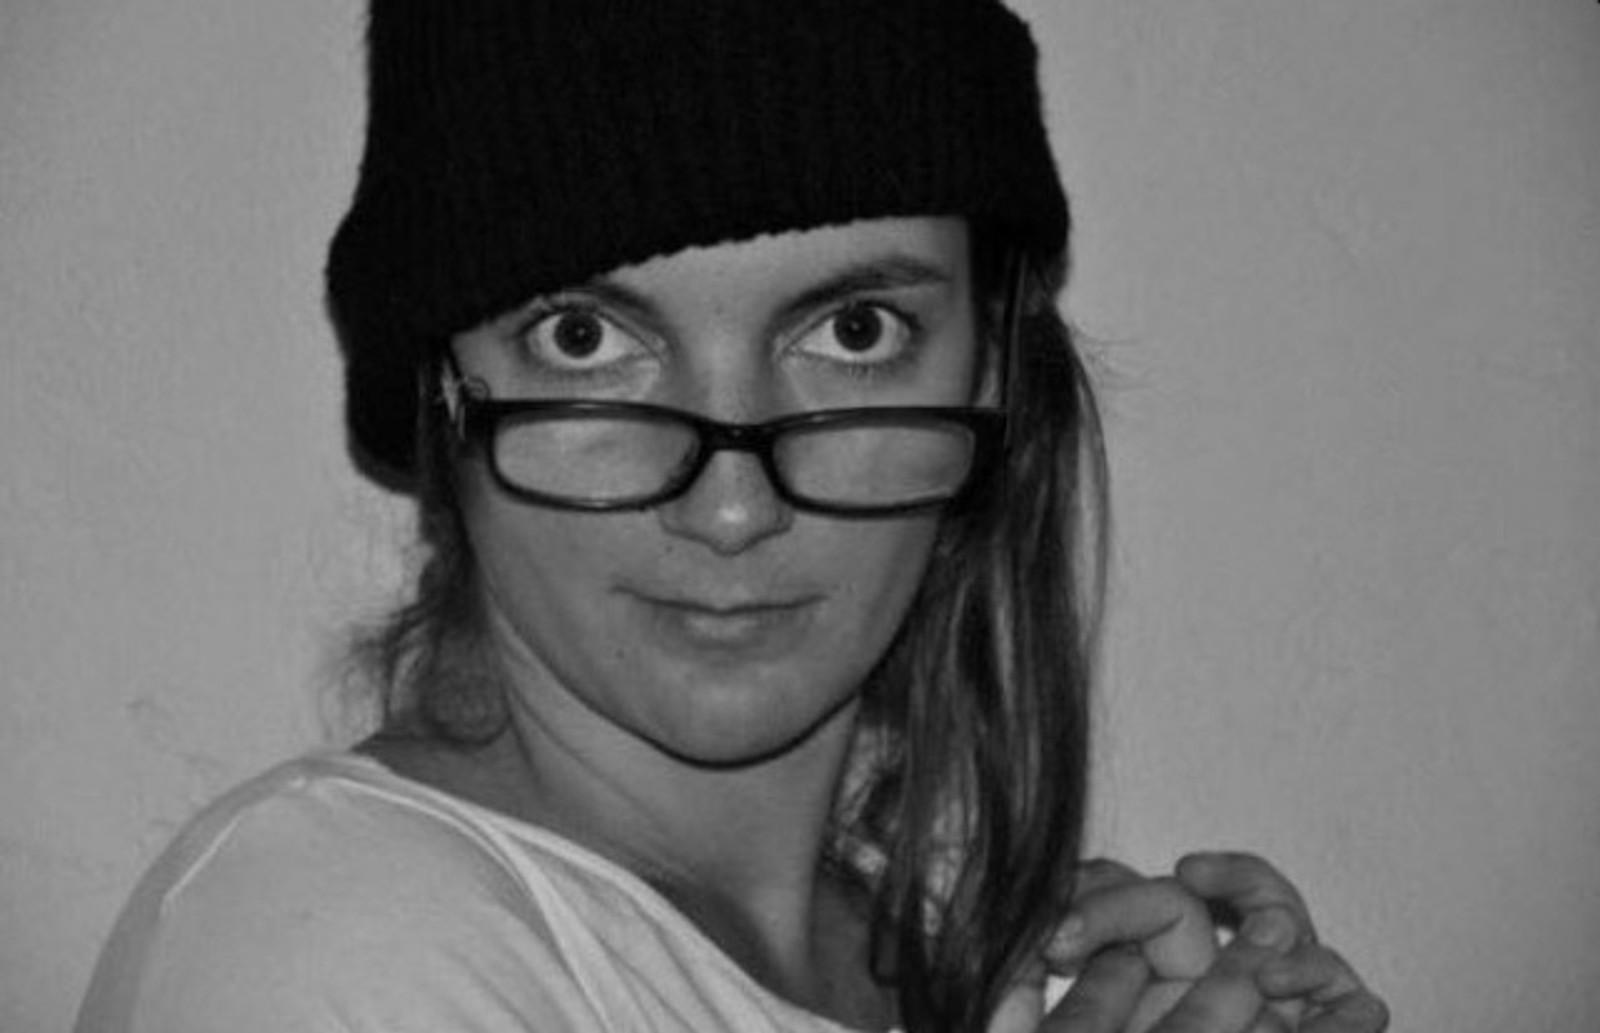 DREPT: Aurelie de Peretti (33), fra Saint Tropez reiste til Paris for å gå på Eagles-konserten. Hun døde på Bataclan.